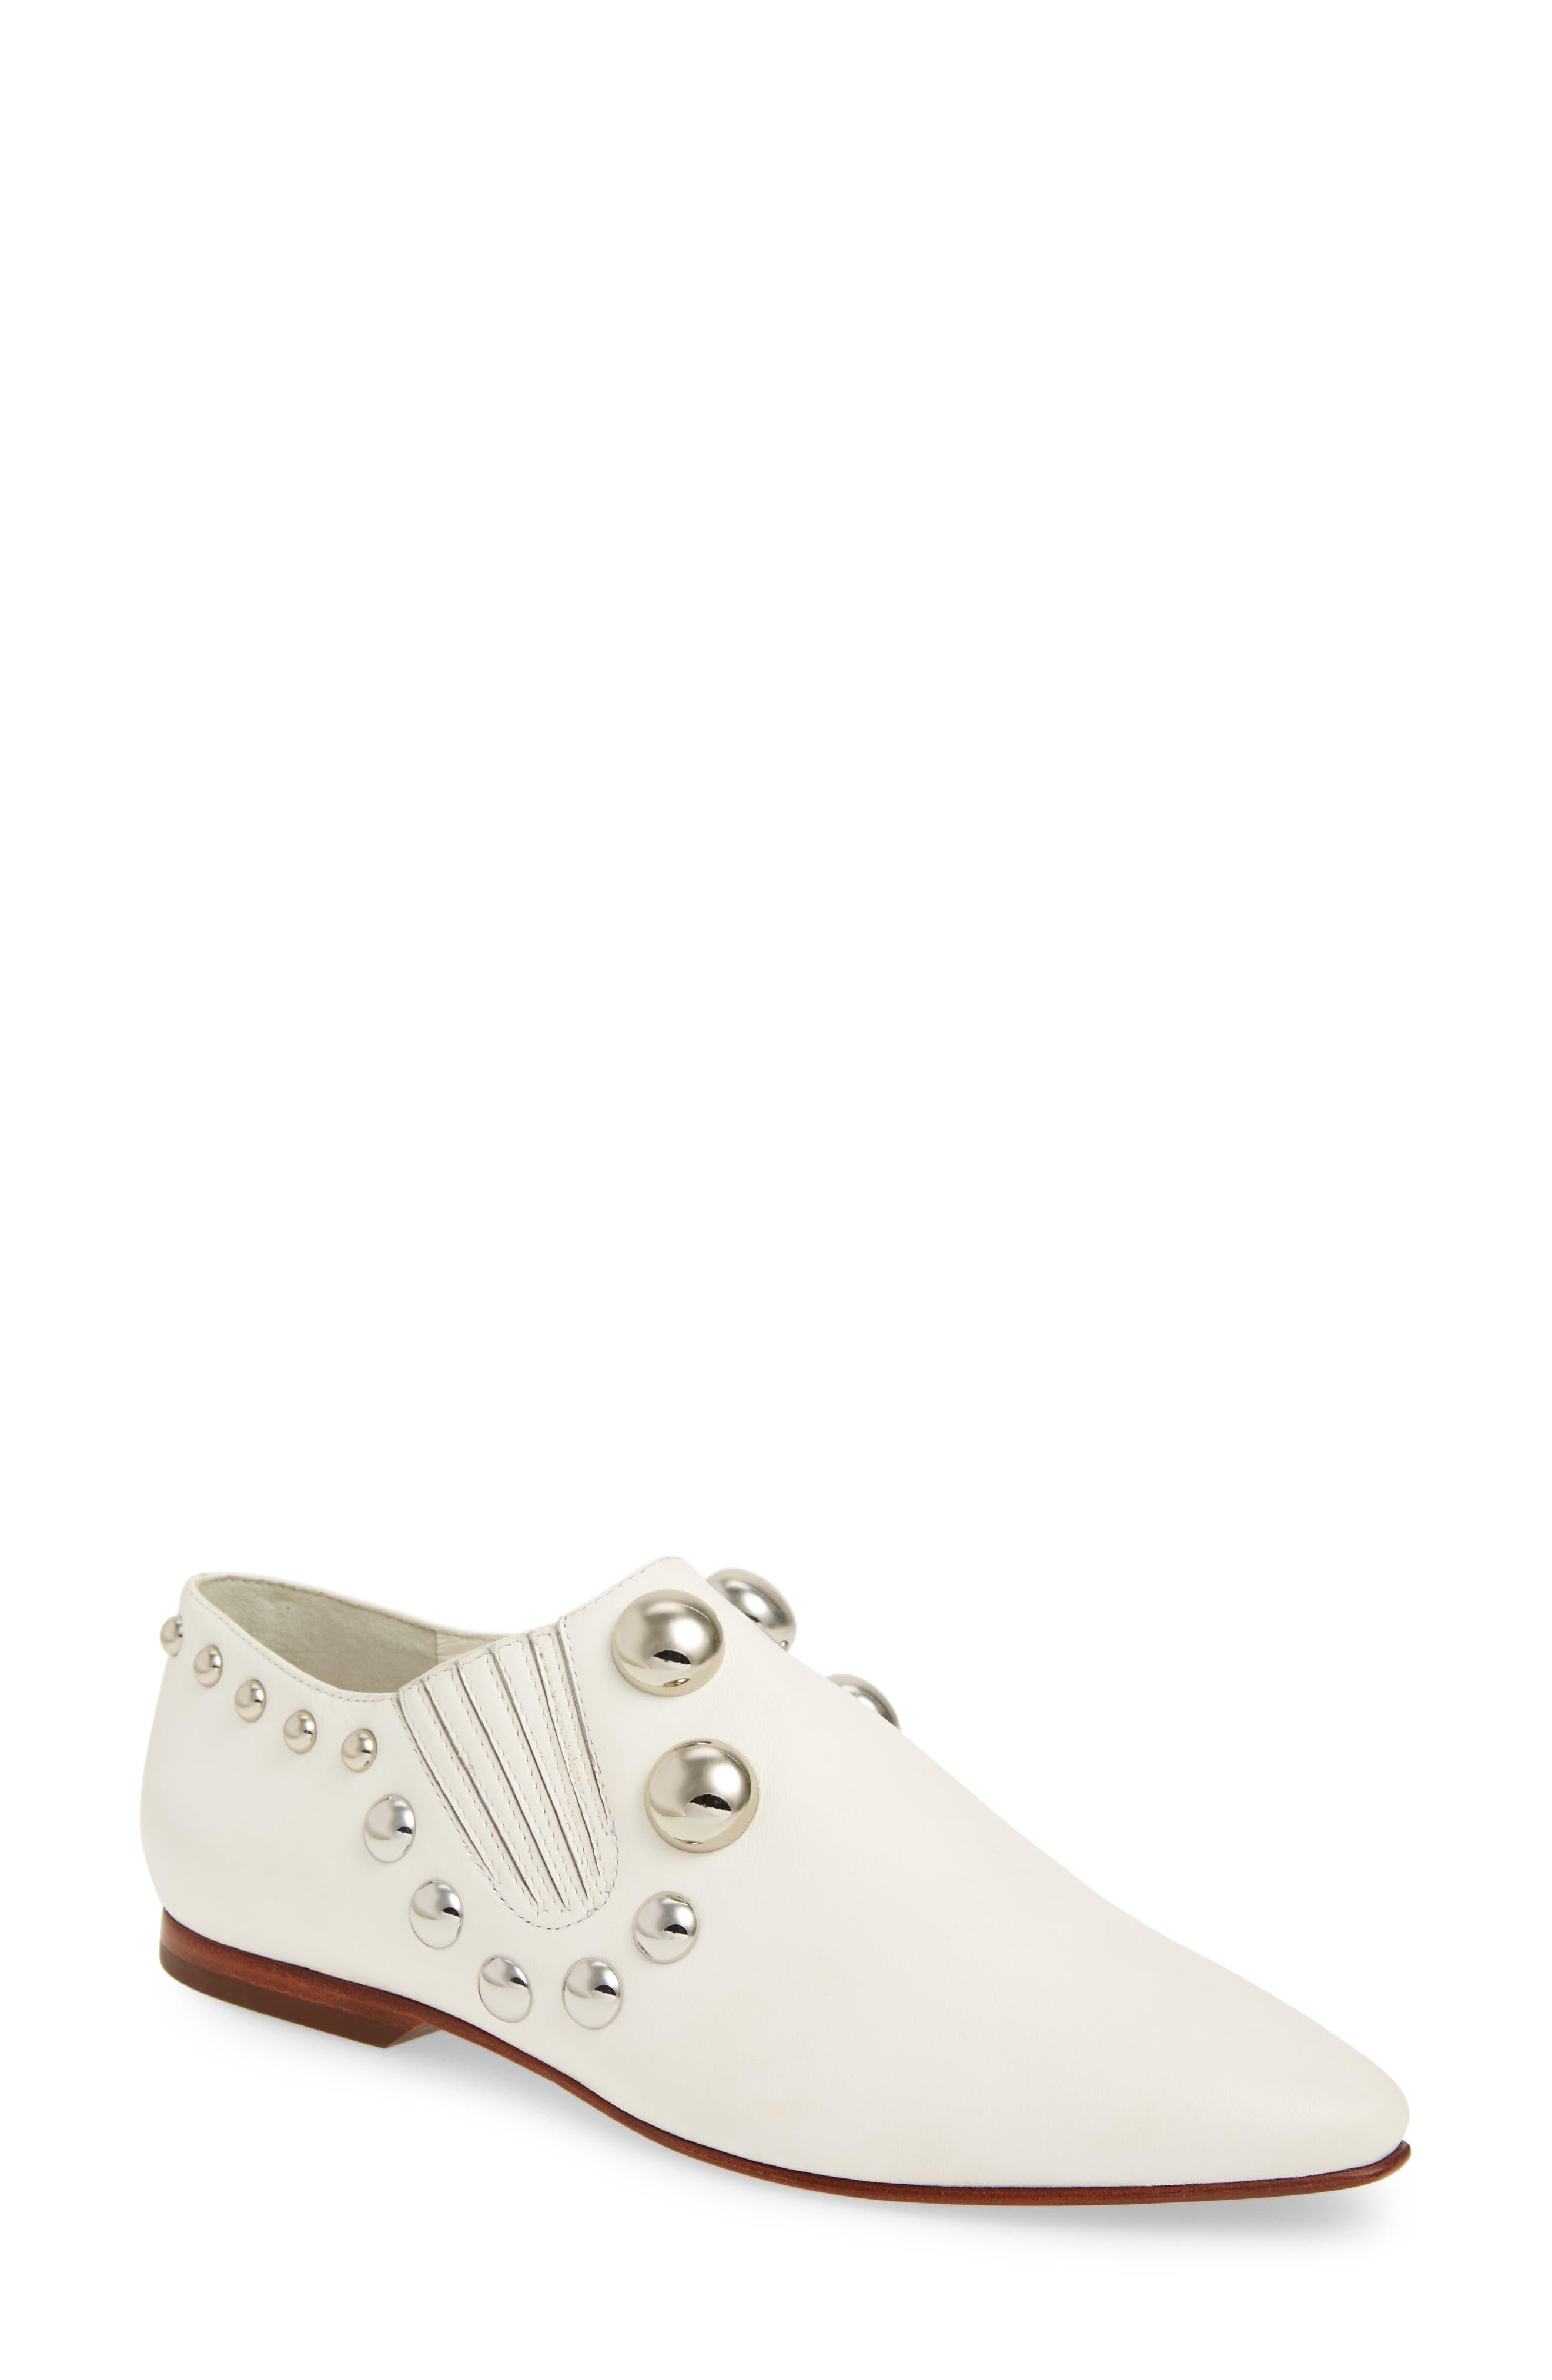 Blythe Studded Loafer,                         Main,                         color, White